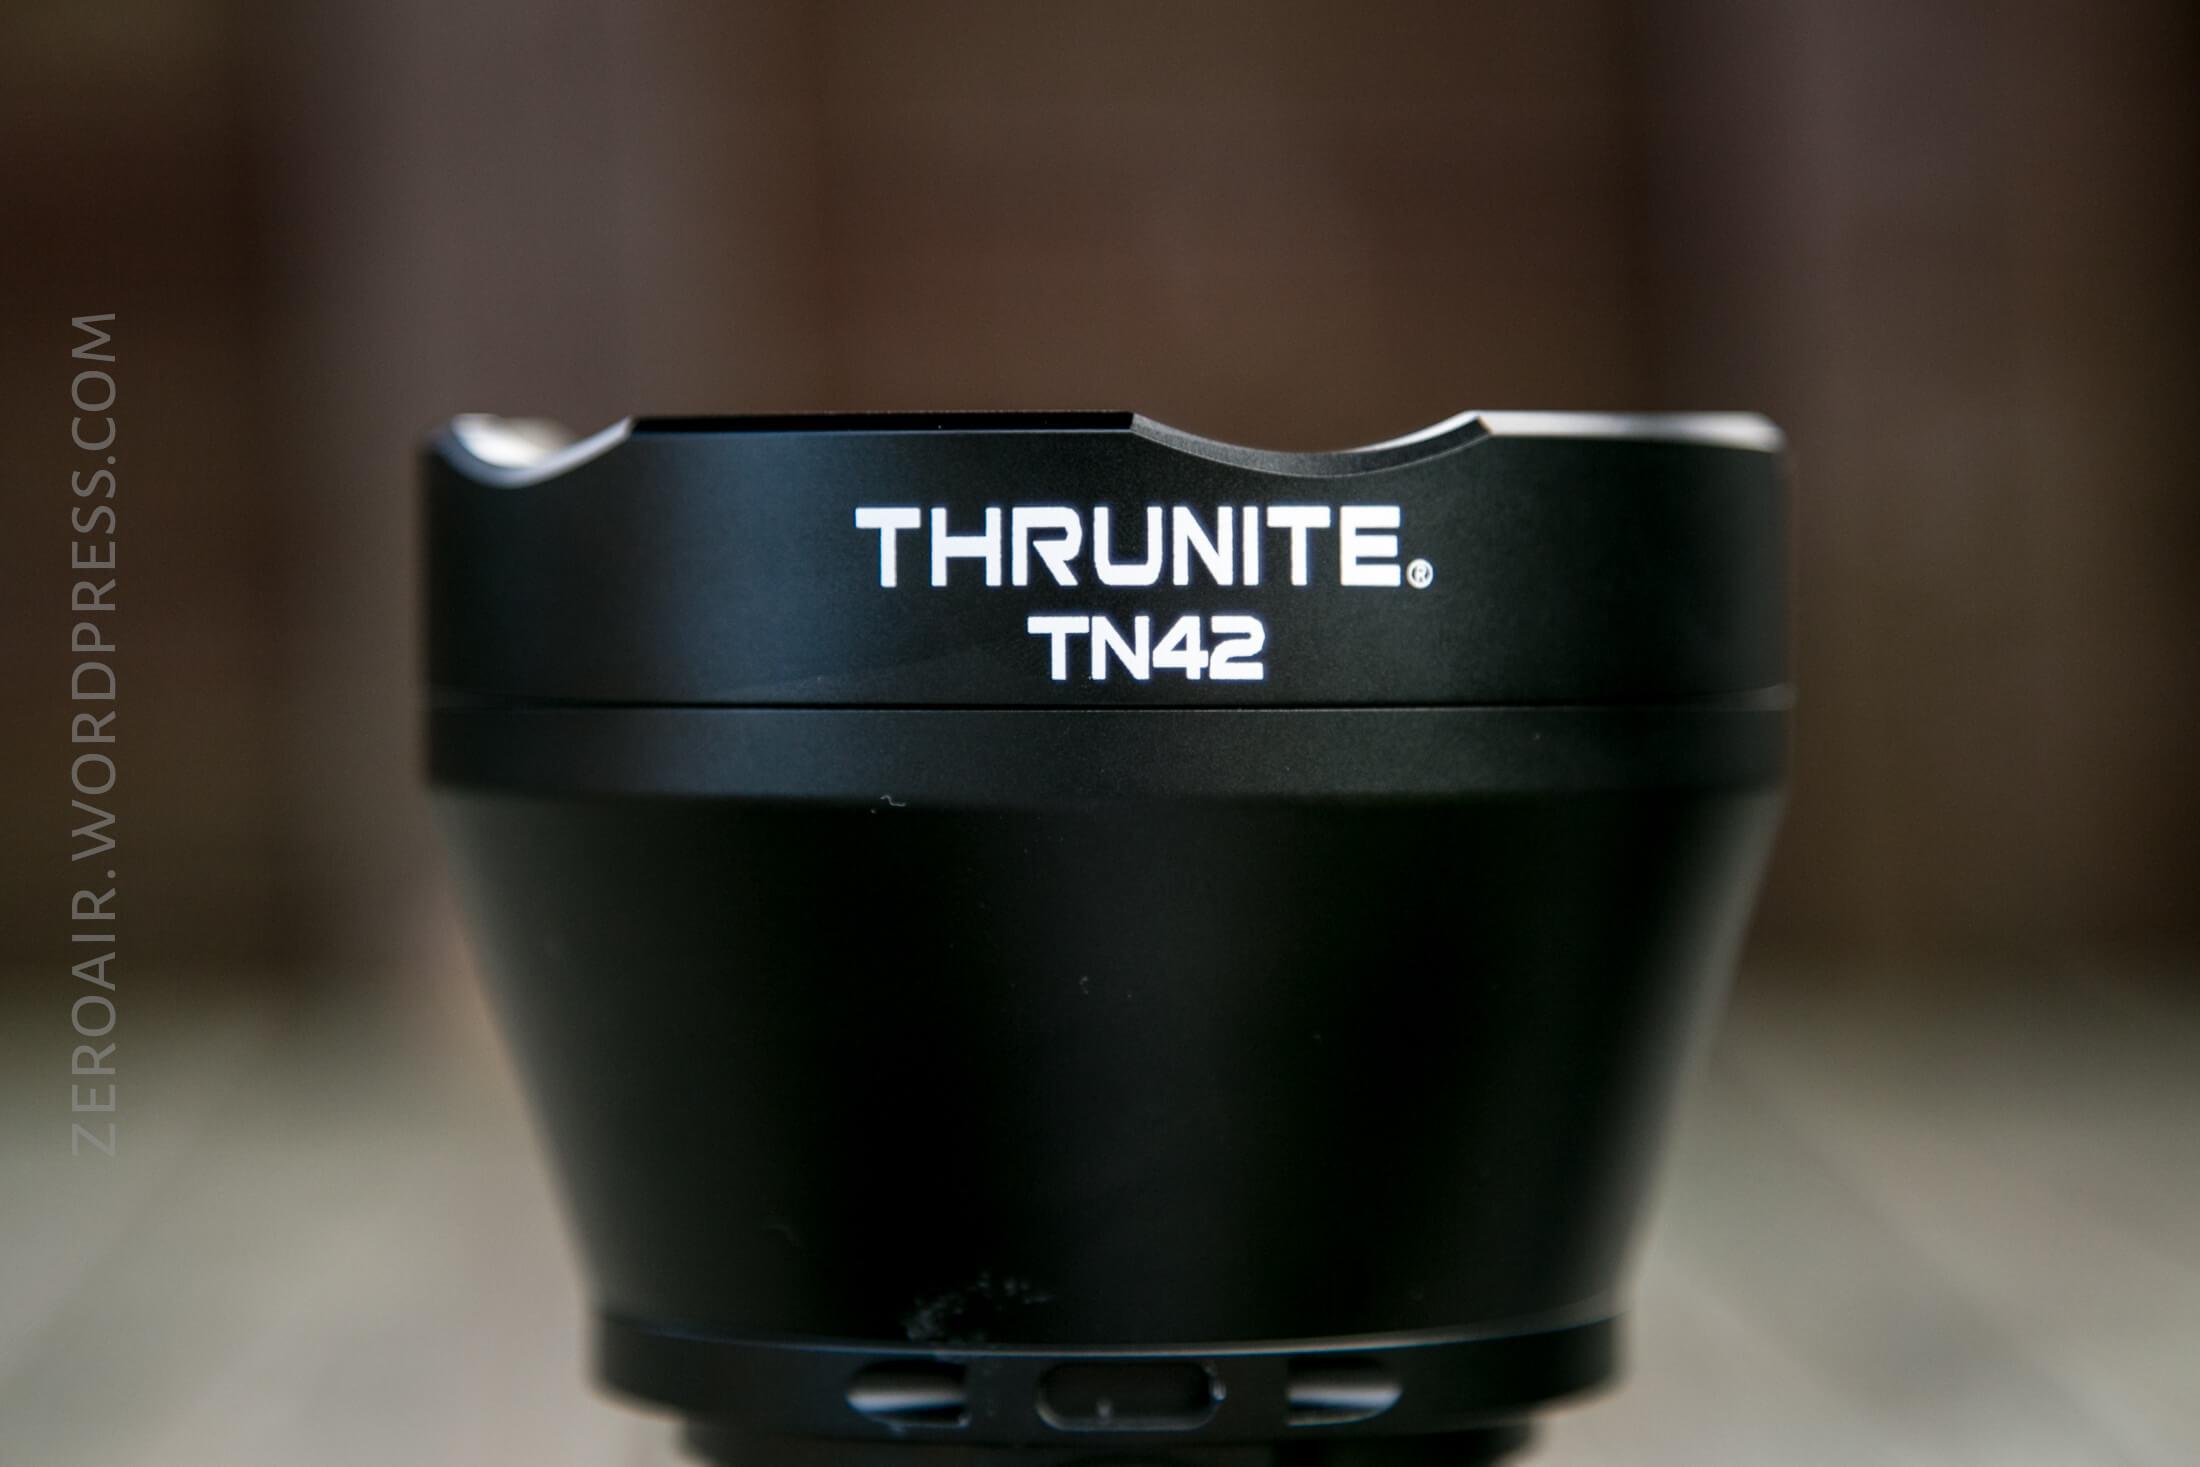 44_zeroair_reviews_thrunite_tn42.jpg